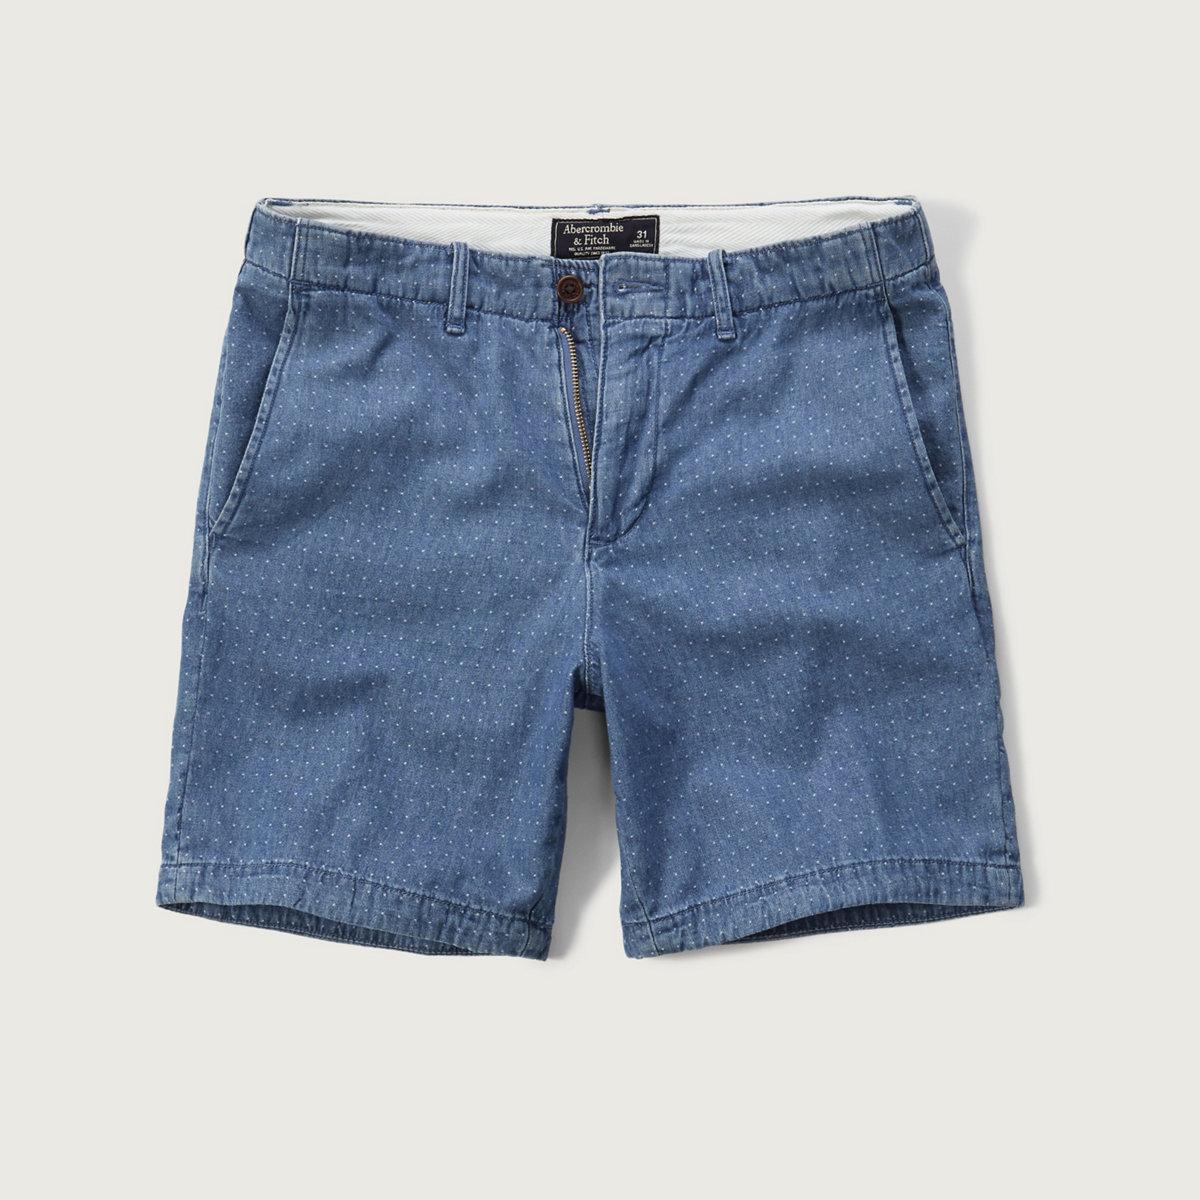 A&F True Indigo Dye Preppy Fit Shorts